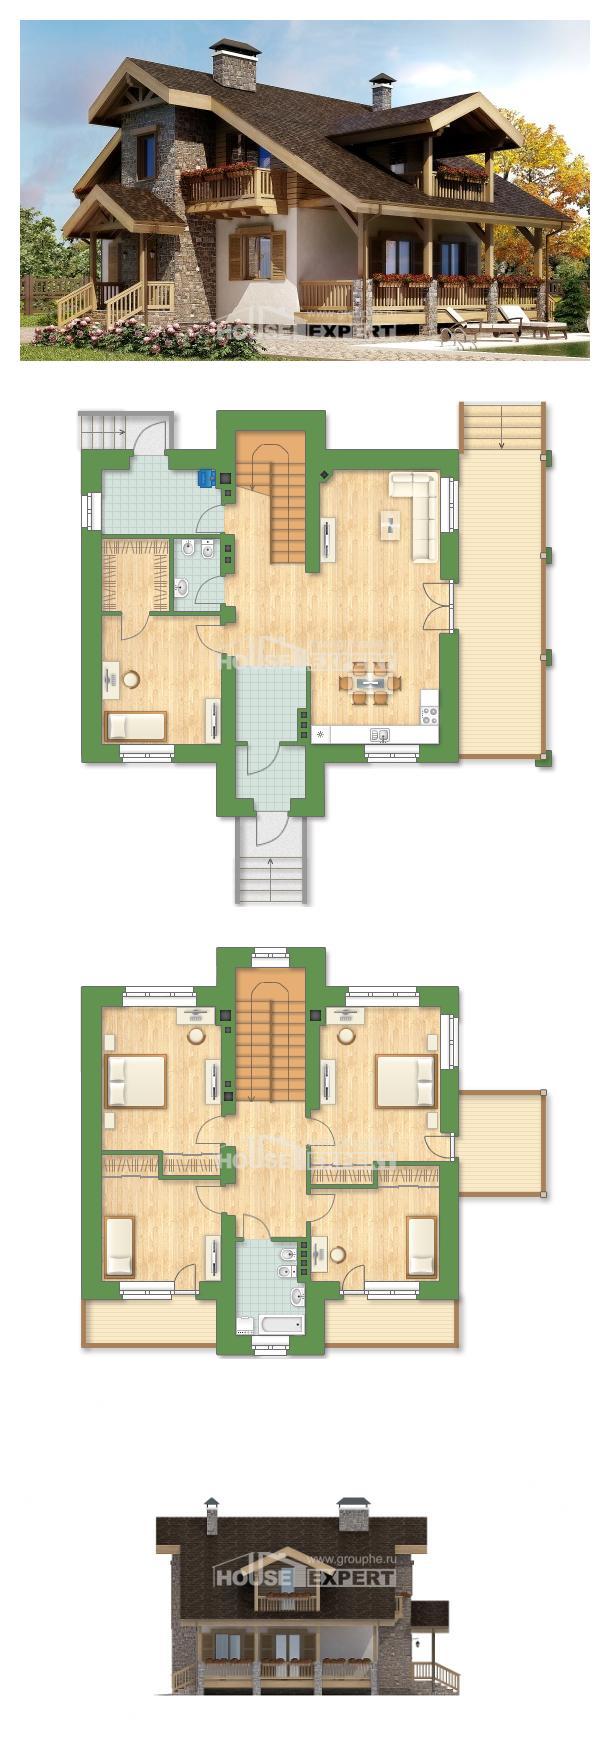 Plan 150-004-R | House Expert